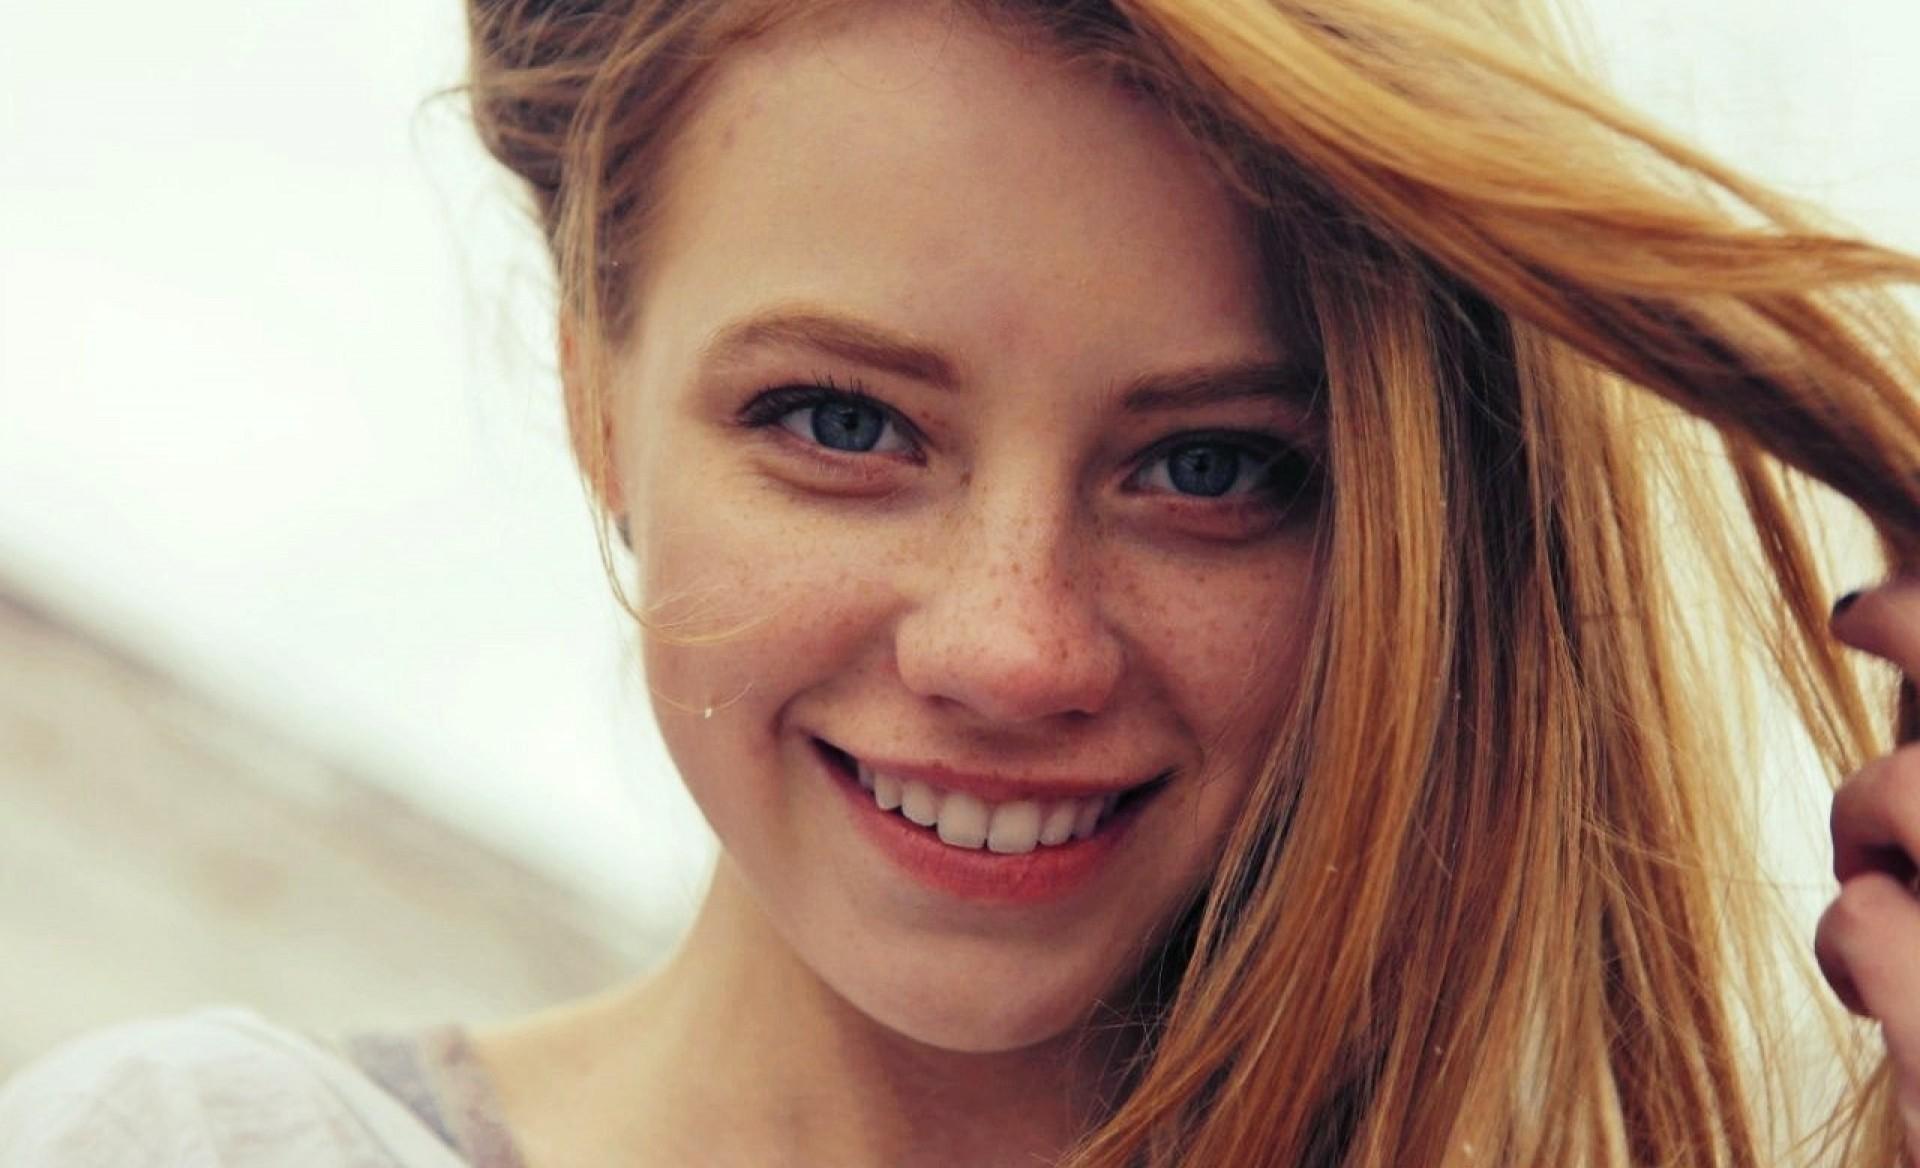 cute smile nude women